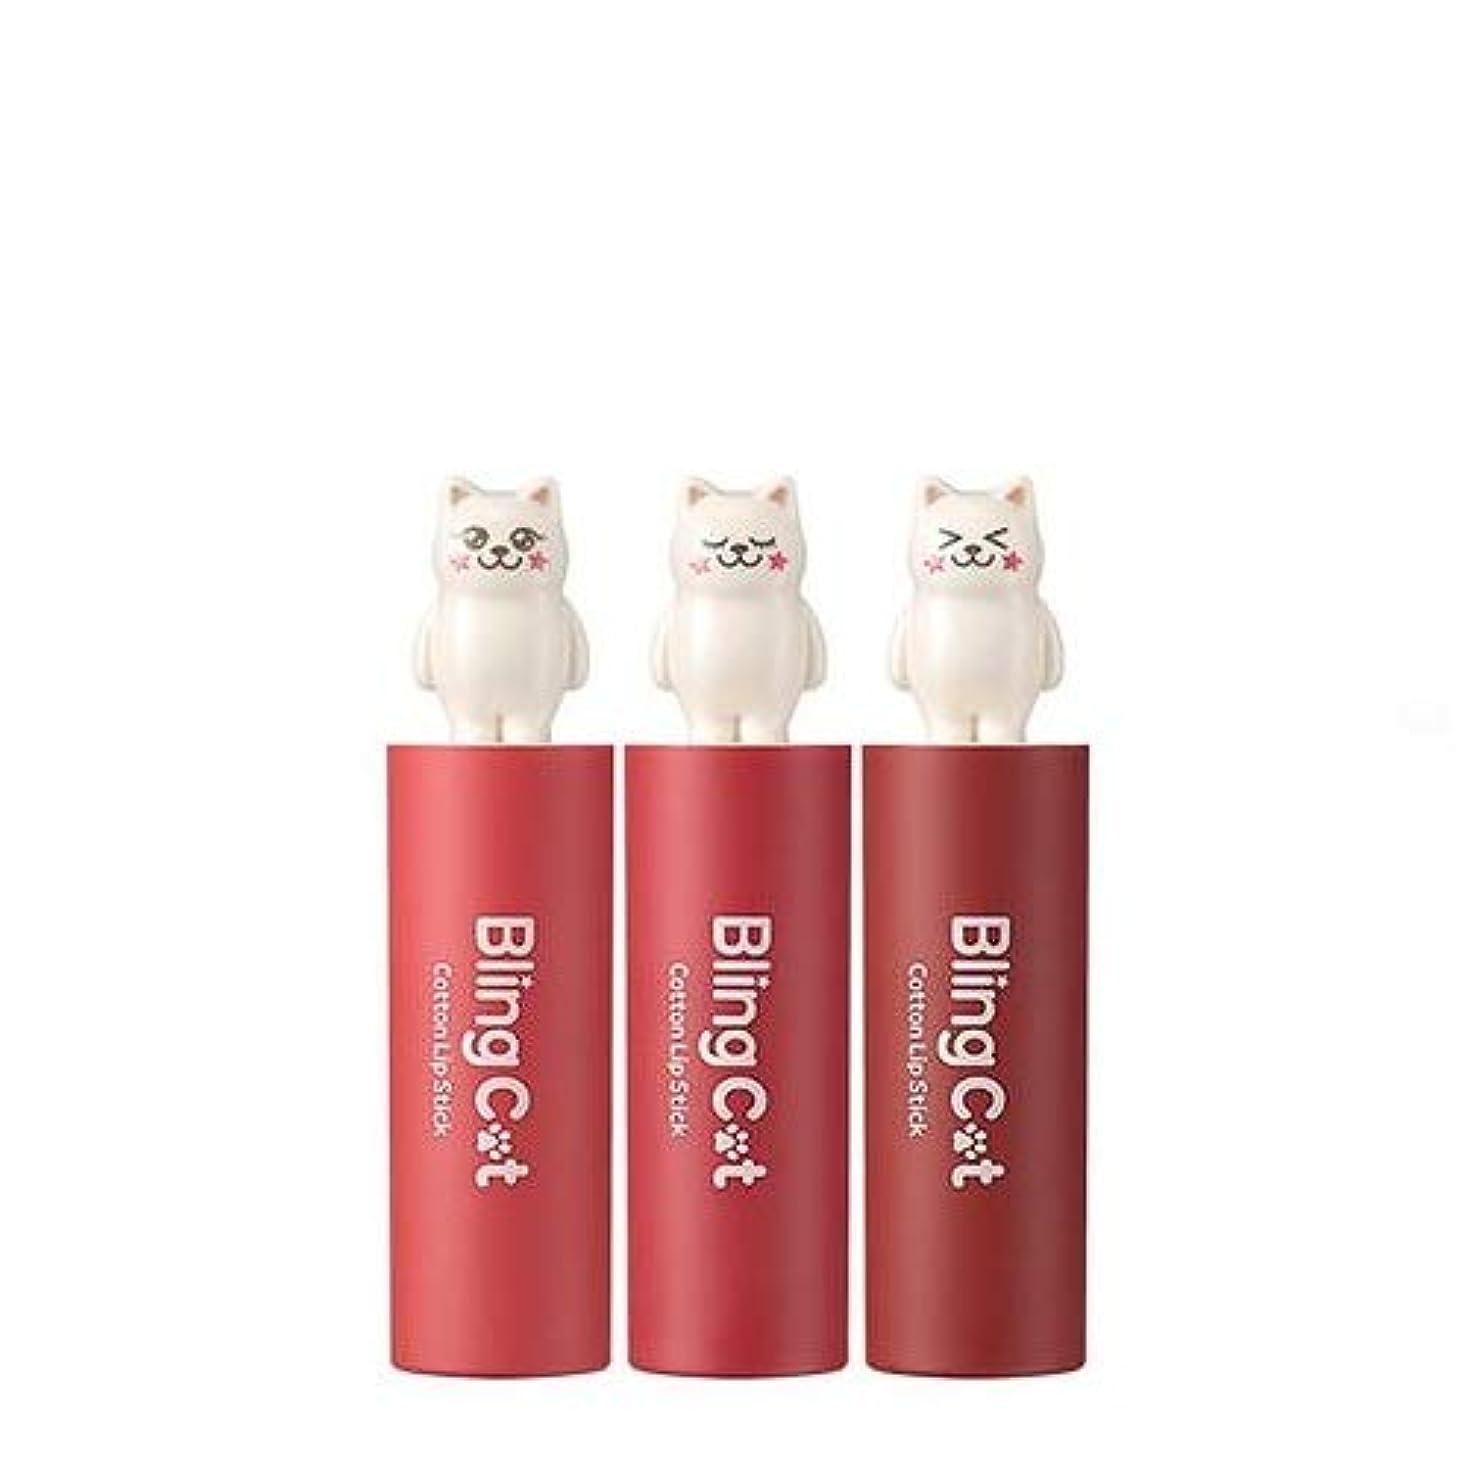 転倒神経衰弱子犬トニーモリー ブリングキャット コットン リップスティック 3.4g / TONYMOLY Bling Cat Cotton Lipstick # 08. Femme Love [並行輸入品]